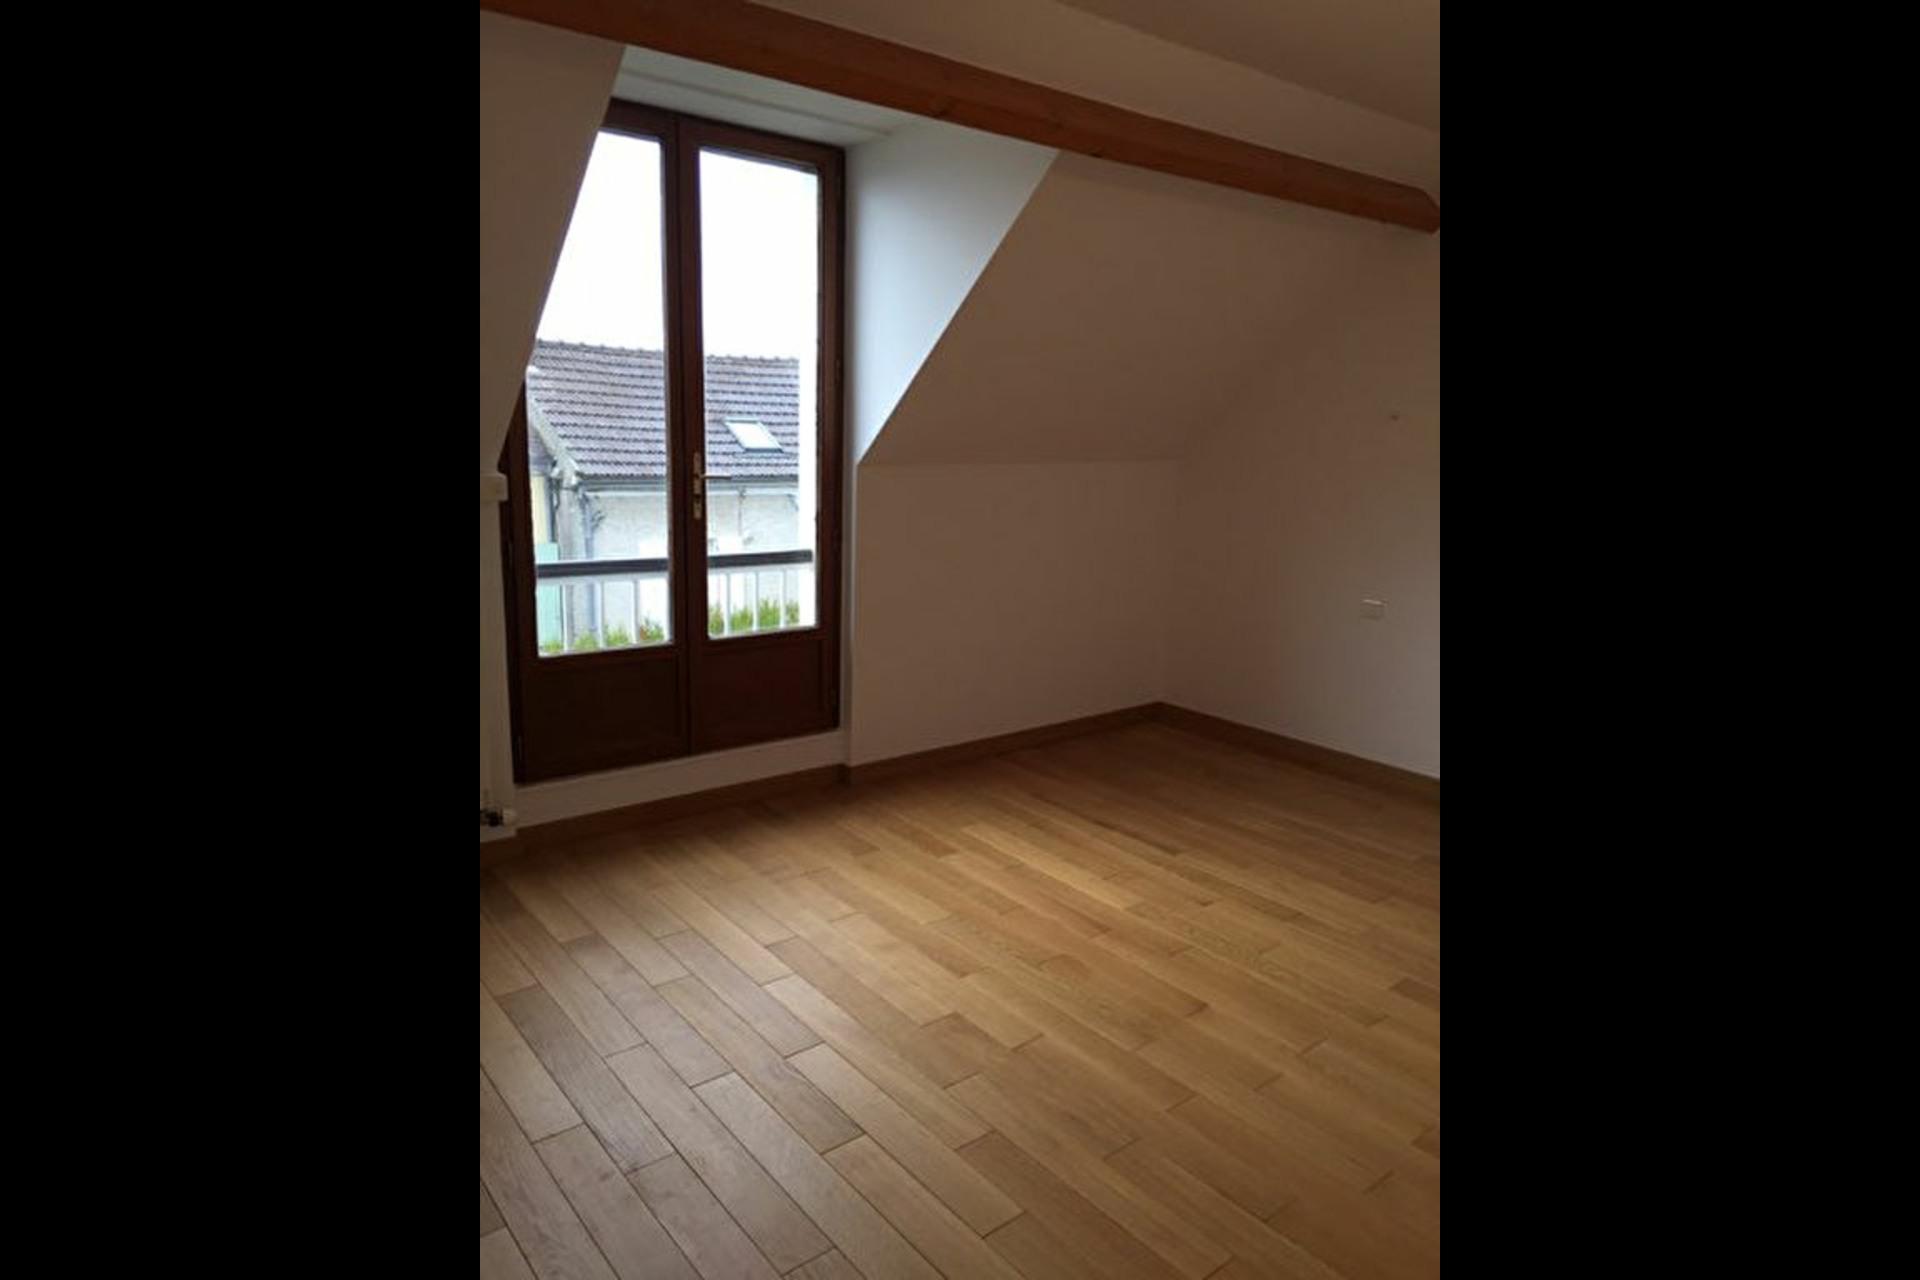 image 7 - Townhouse For rent saint nom la breteche - 5 rooms